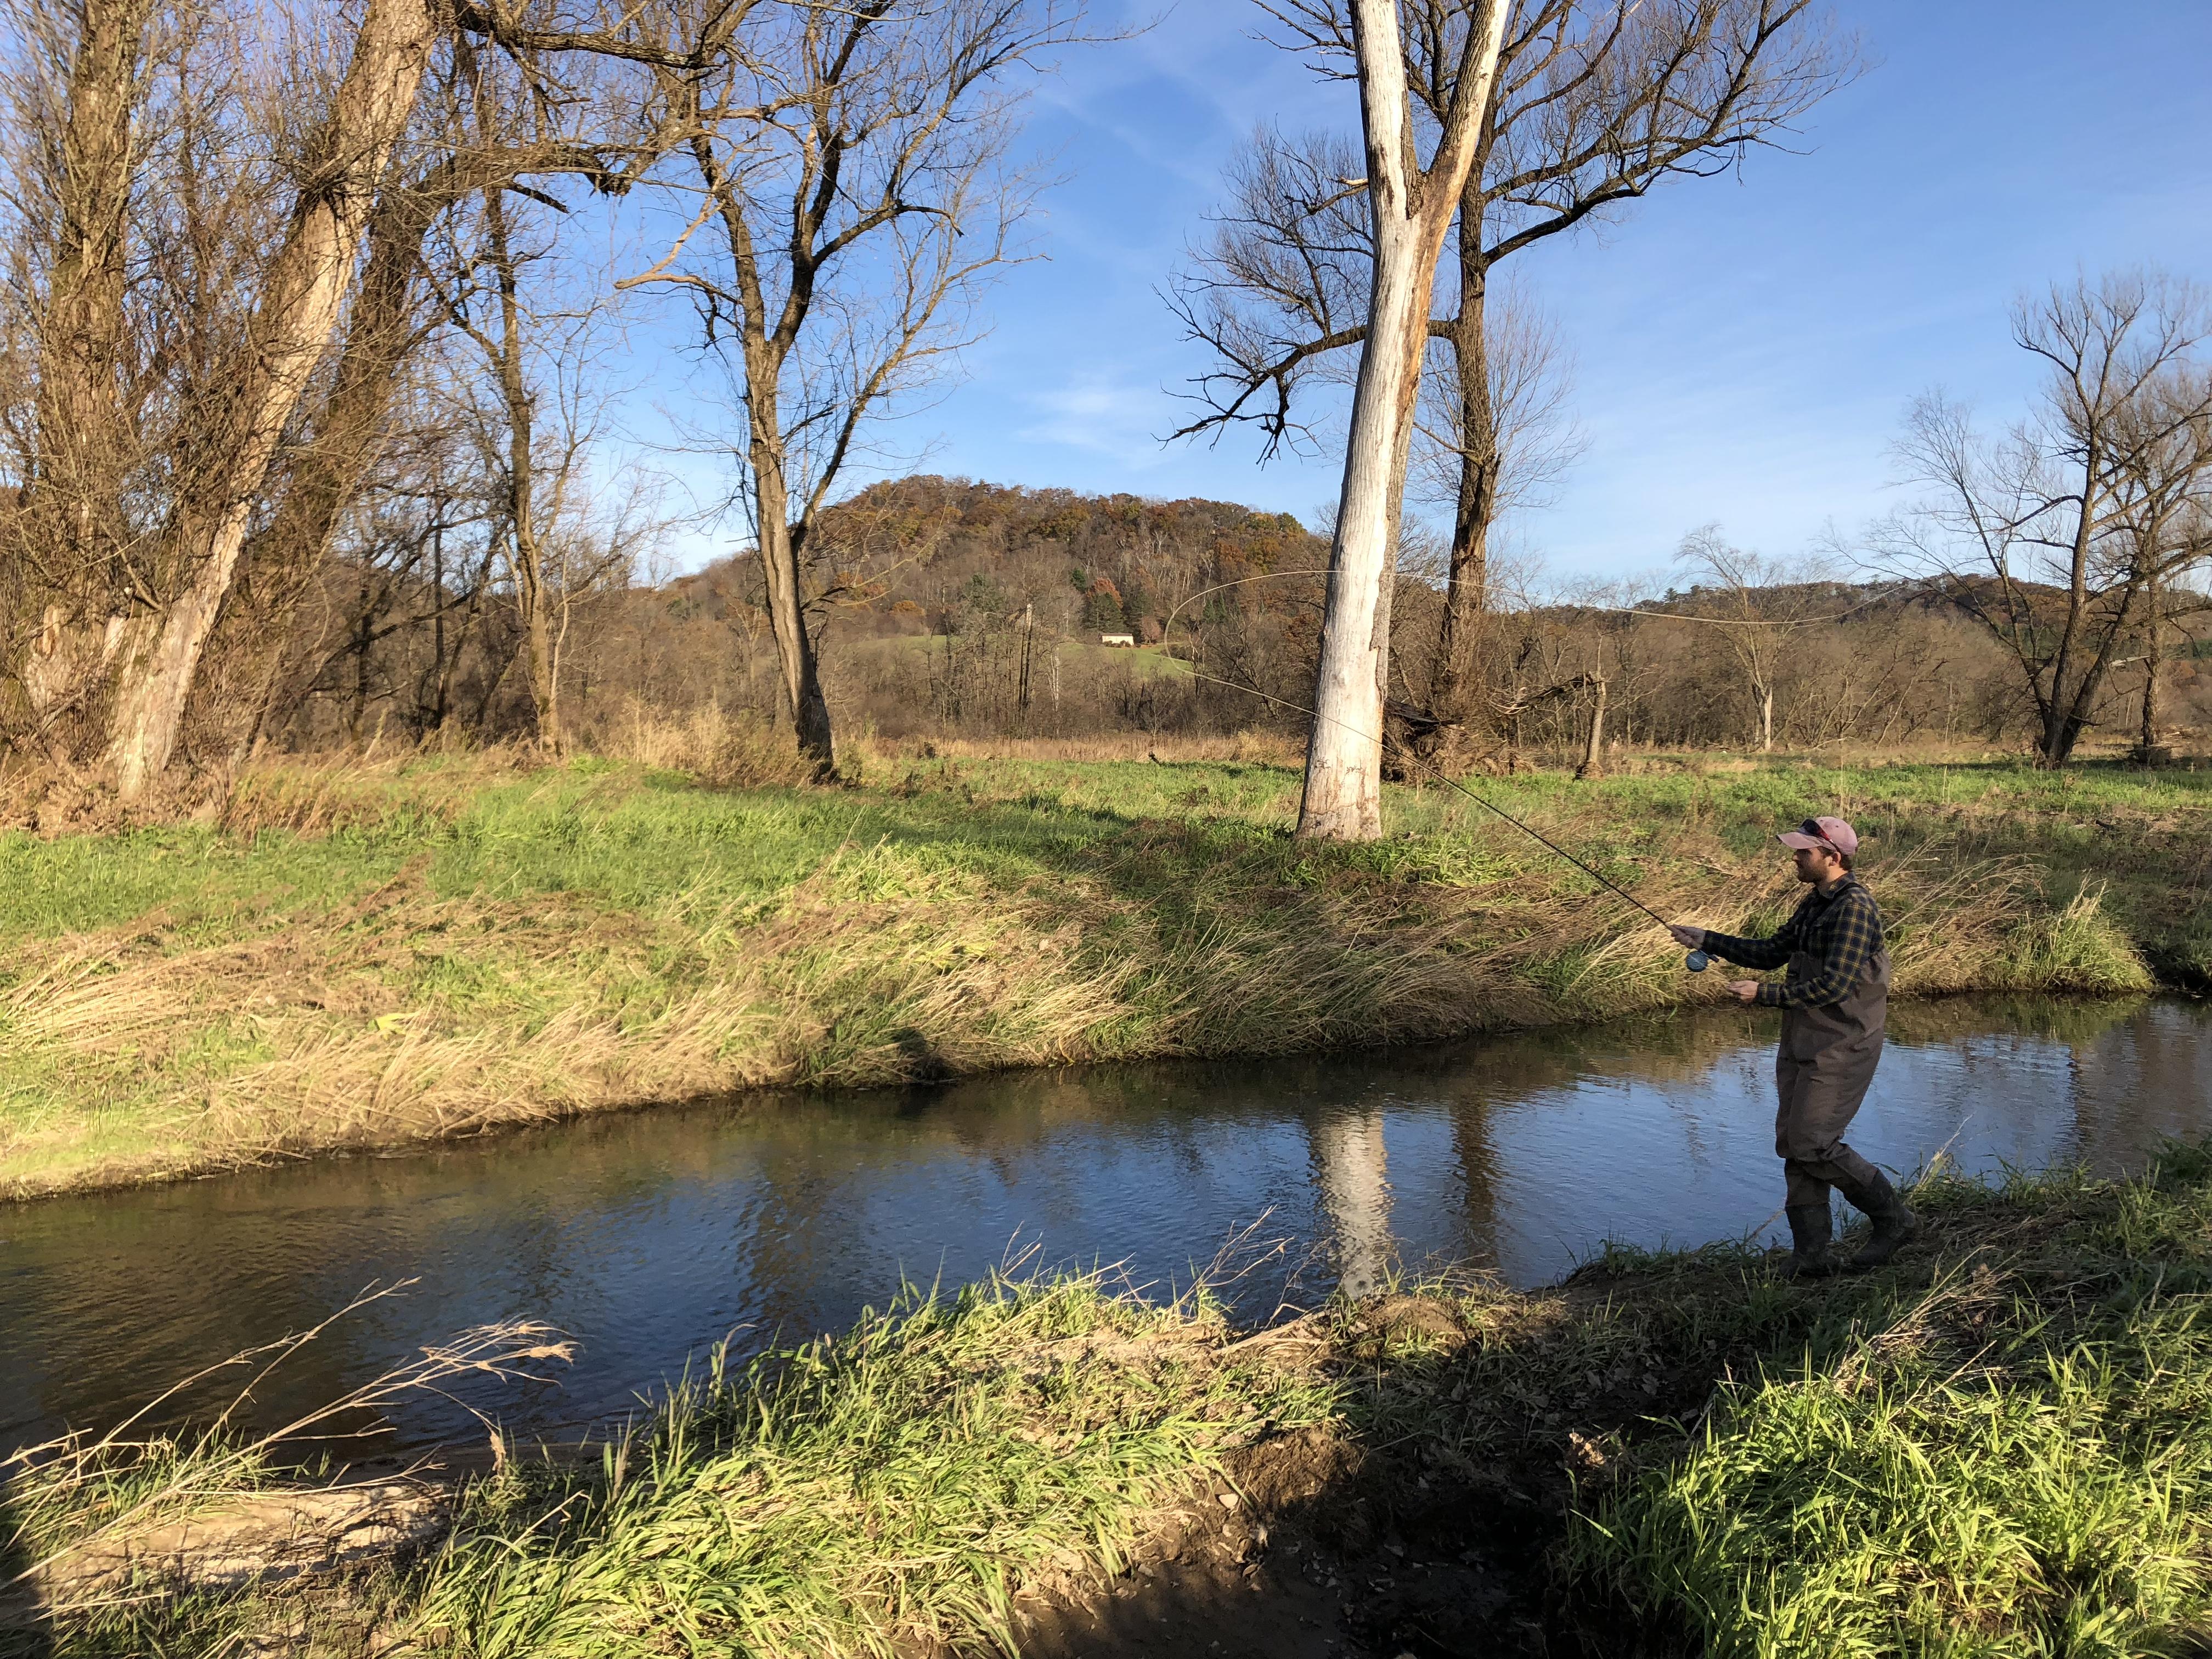 A fly fisher enjoys a restored Driftless stream.